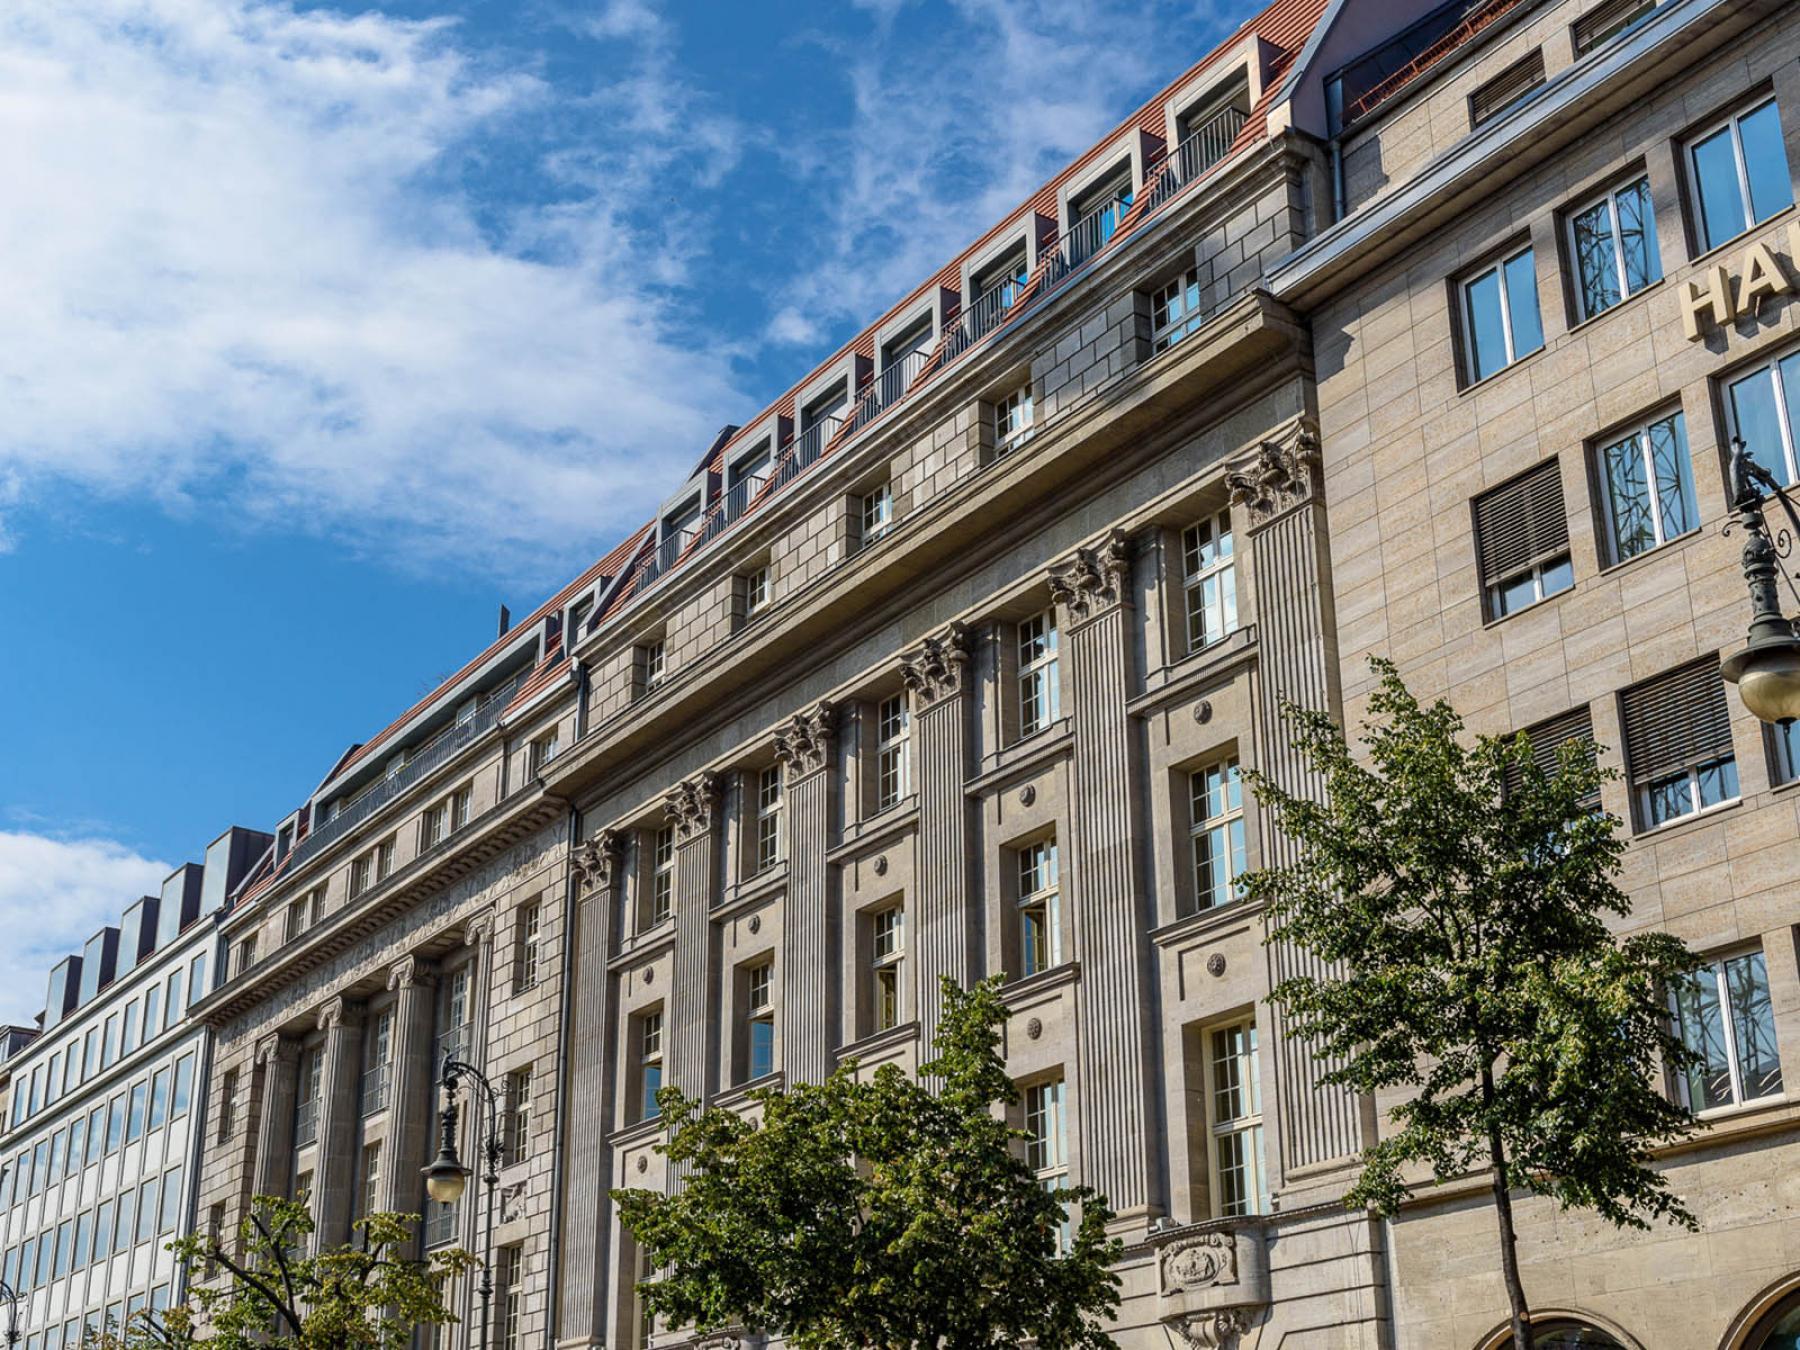 Außenansicht Bürogebäude mit fantastischer Fassade